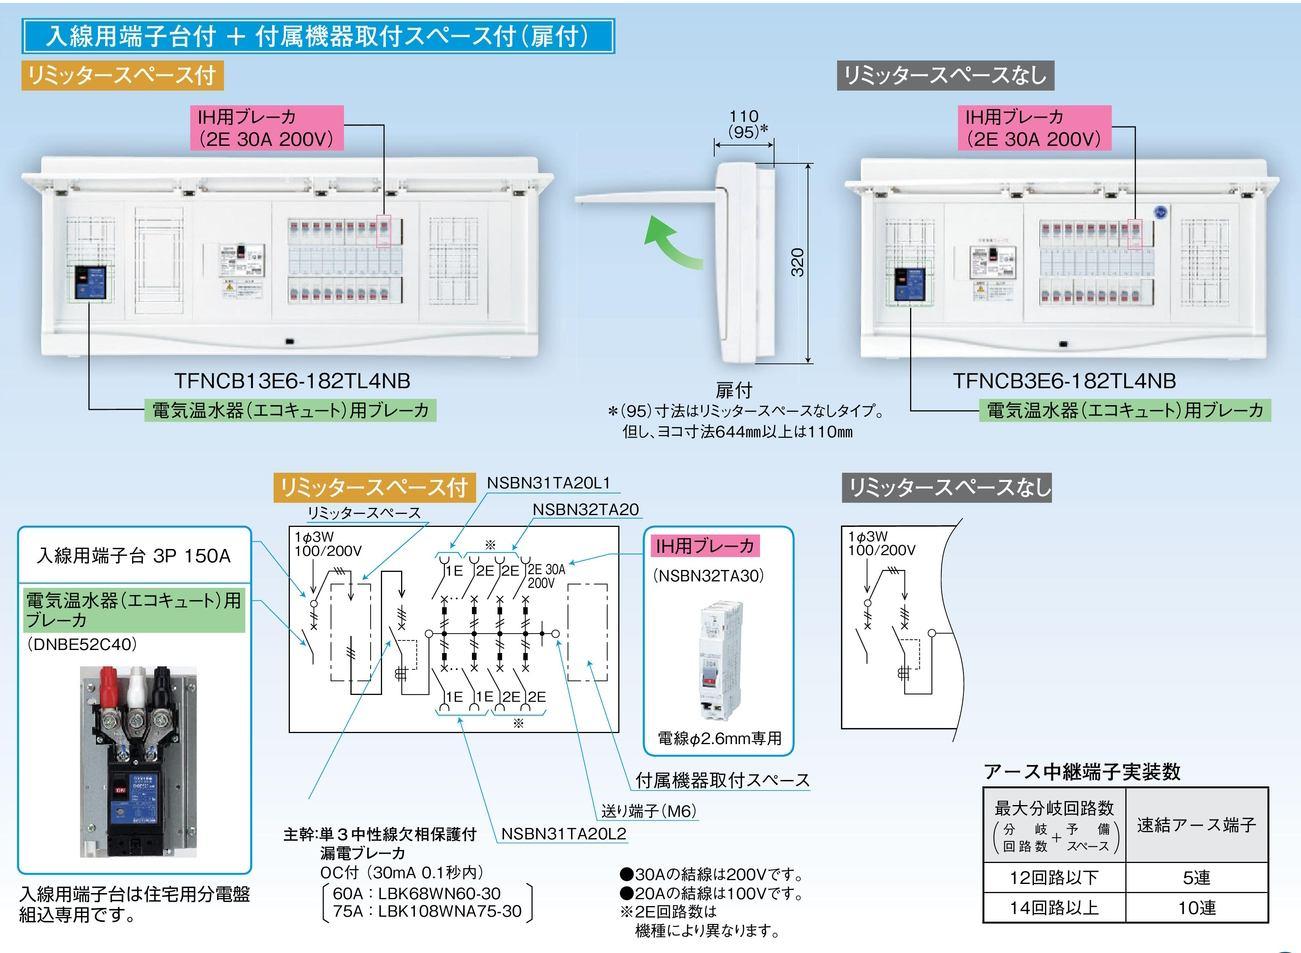 【東芝】小形住宅用分電盤N 扉付・機能付 全電化 60A TFNCB3E6-102TL4NB